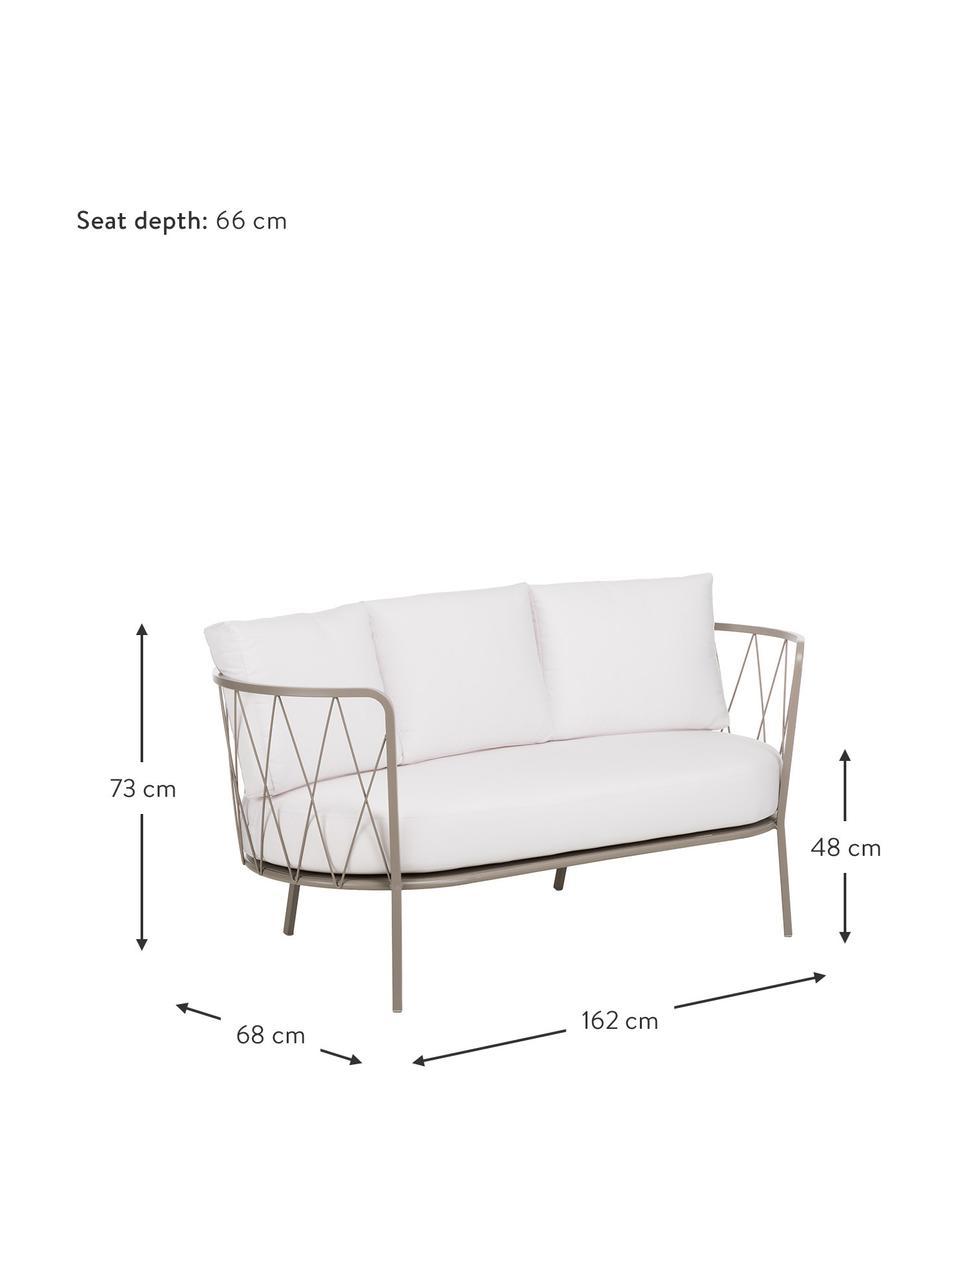 Sofa ogrodowa z tapicerowanym siedziskiem Sunderland (2-osobowa), Stelaż: stal cynkowana galwaniczn, Stelaż: taupe Siedzisko i oparcie: kremowy, S 162 x G 68 cm